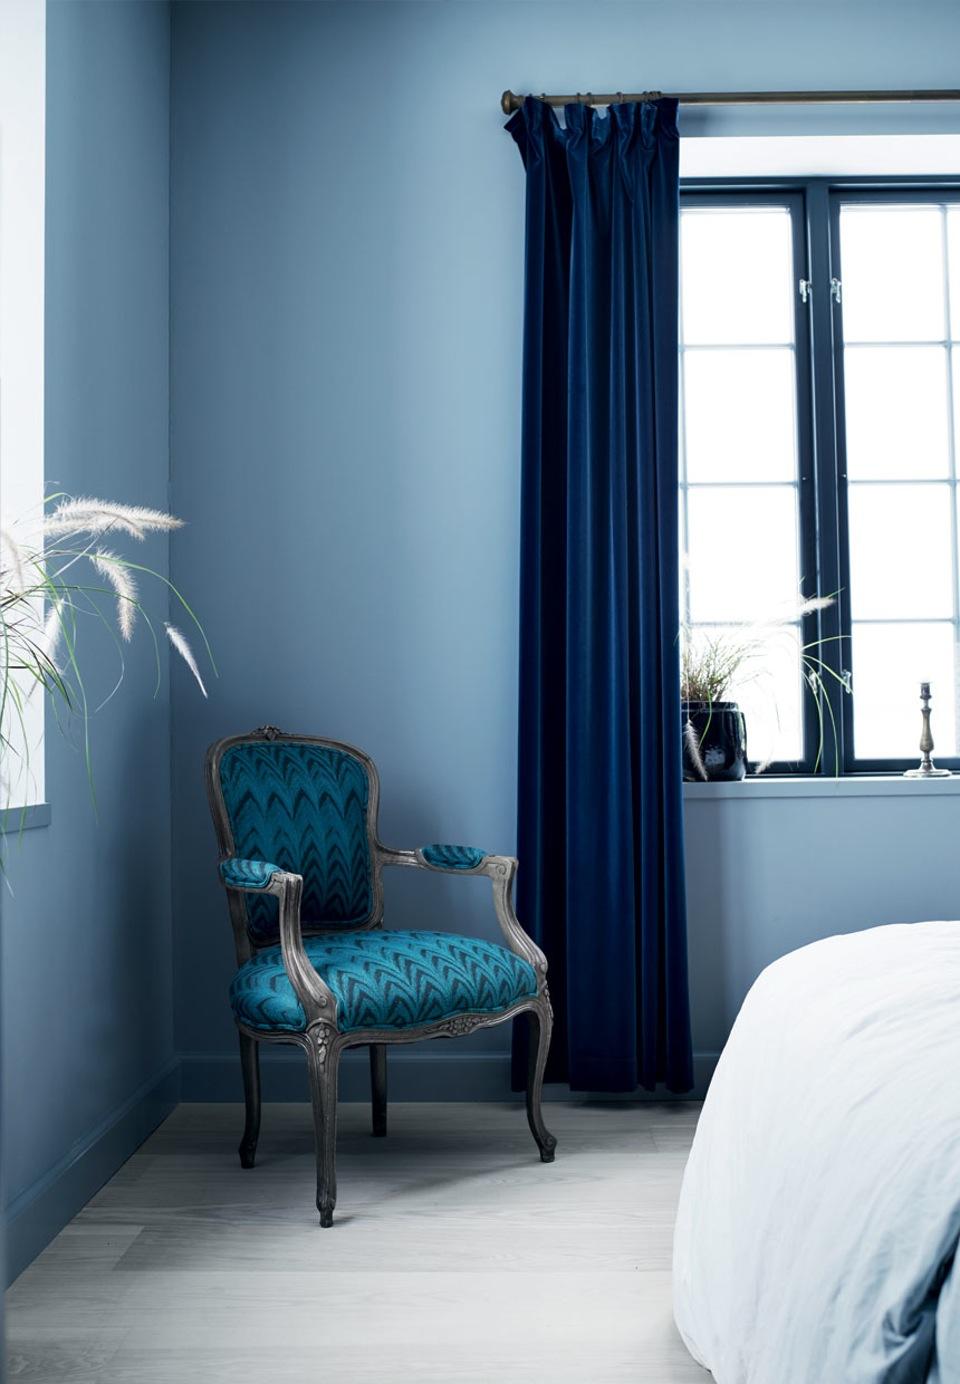 Une maison bleue adoss e la colline en plus gustavien berenice big - Maison bleue adossee a la colline ...